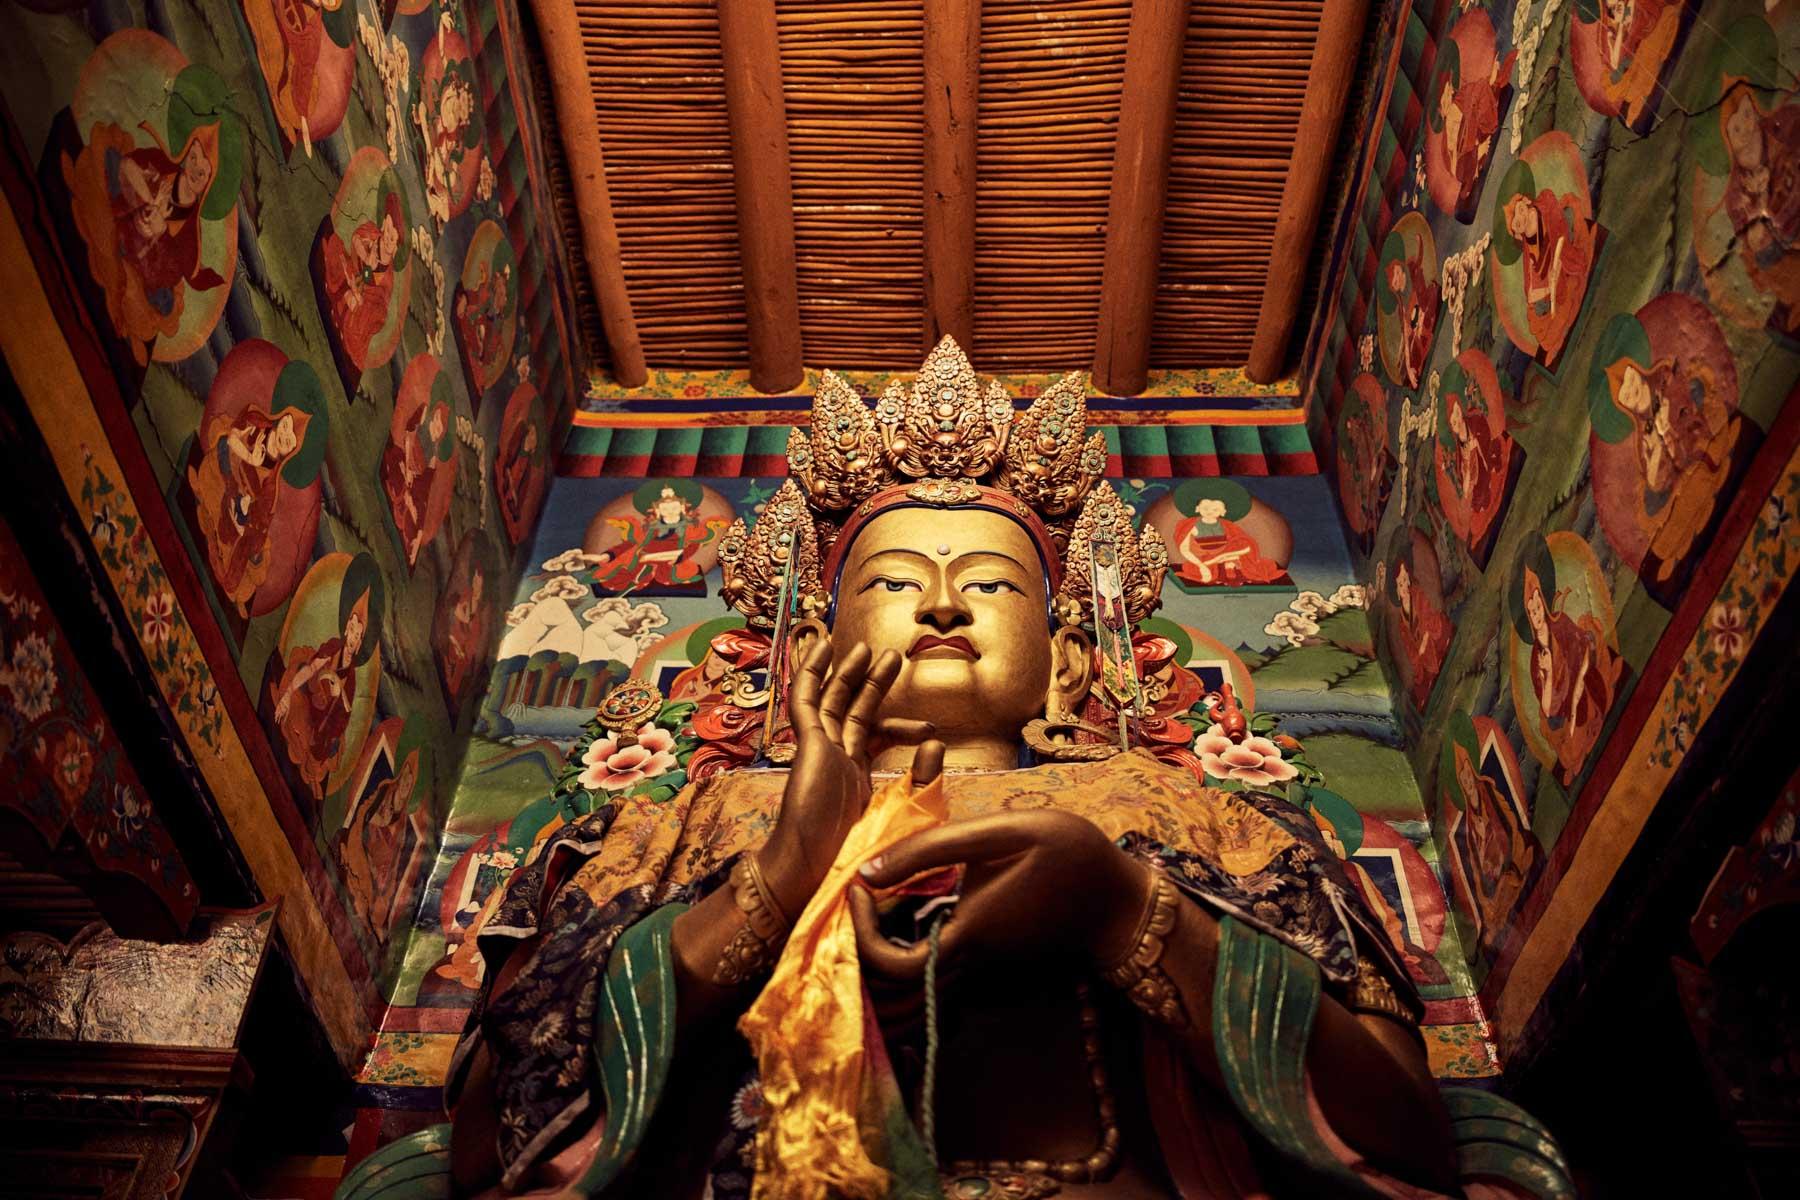 Eine Buddha Statue im Kloster von Lingshed/ Ladakh/ Indien, 2018